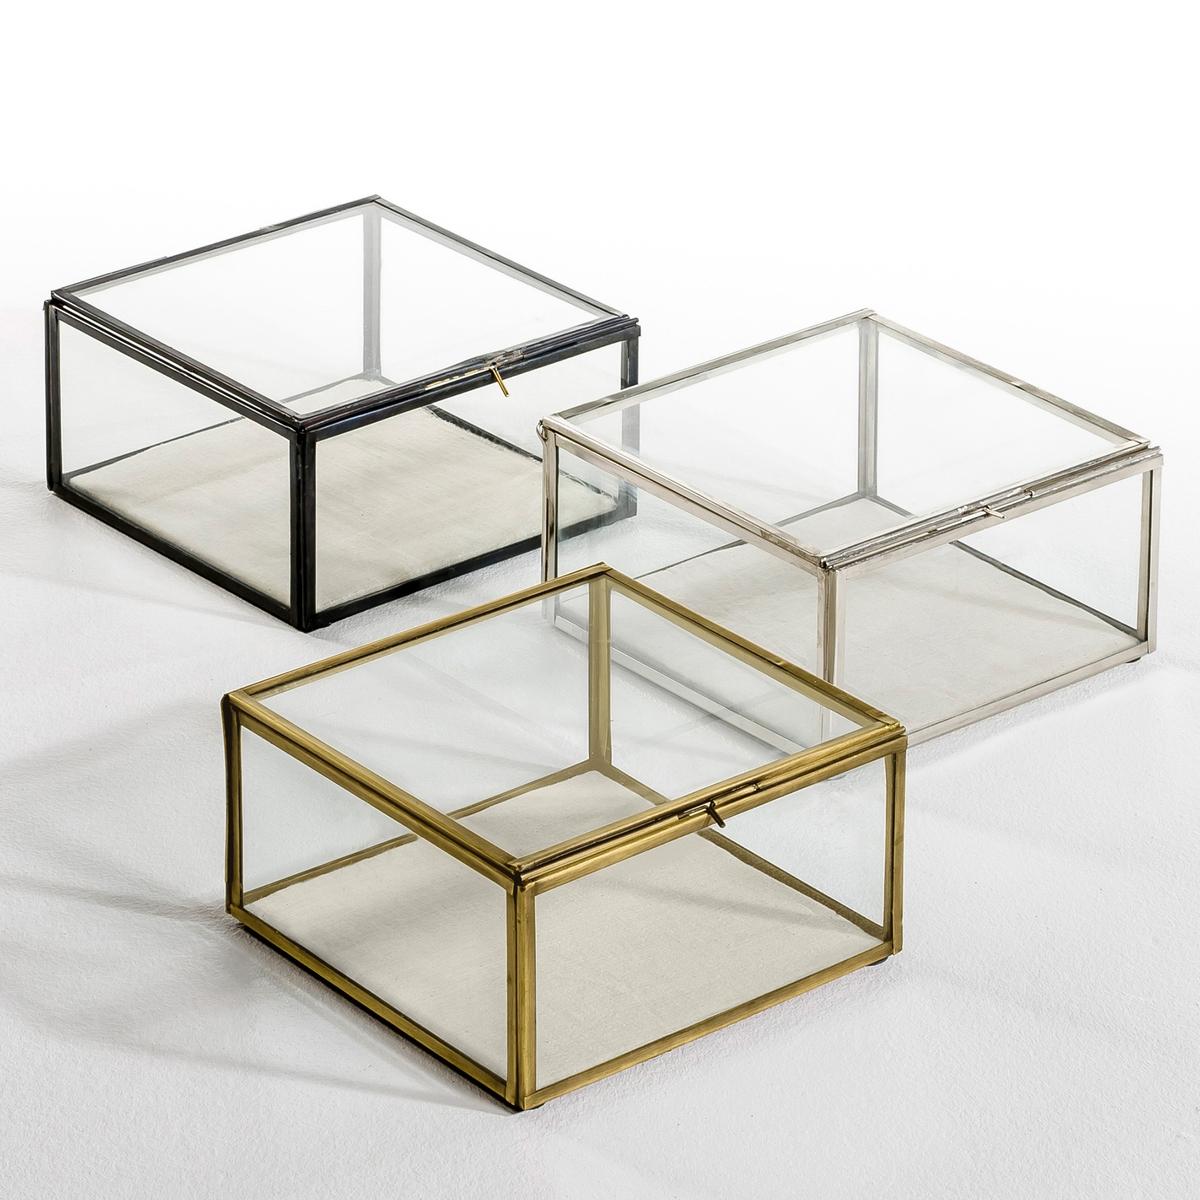 Коробка-витрина Misia, маленькая модельКоробка-витрина, Misia. Этот уникальный предмет декора позволит спрятать и, вместе с тем, выставить на всеобщее обозрение самые важные вещи и украшения. Изготовлена и собрана вручную. Уникальный аксессуар, который сделает декор комнаты неповторимым.Характеристики: Из стекла и металла Размеры :Д. 20 x В. 10,5 x Г. 20 см.<br><br>Цвет: металл<br>Размер: единый размер